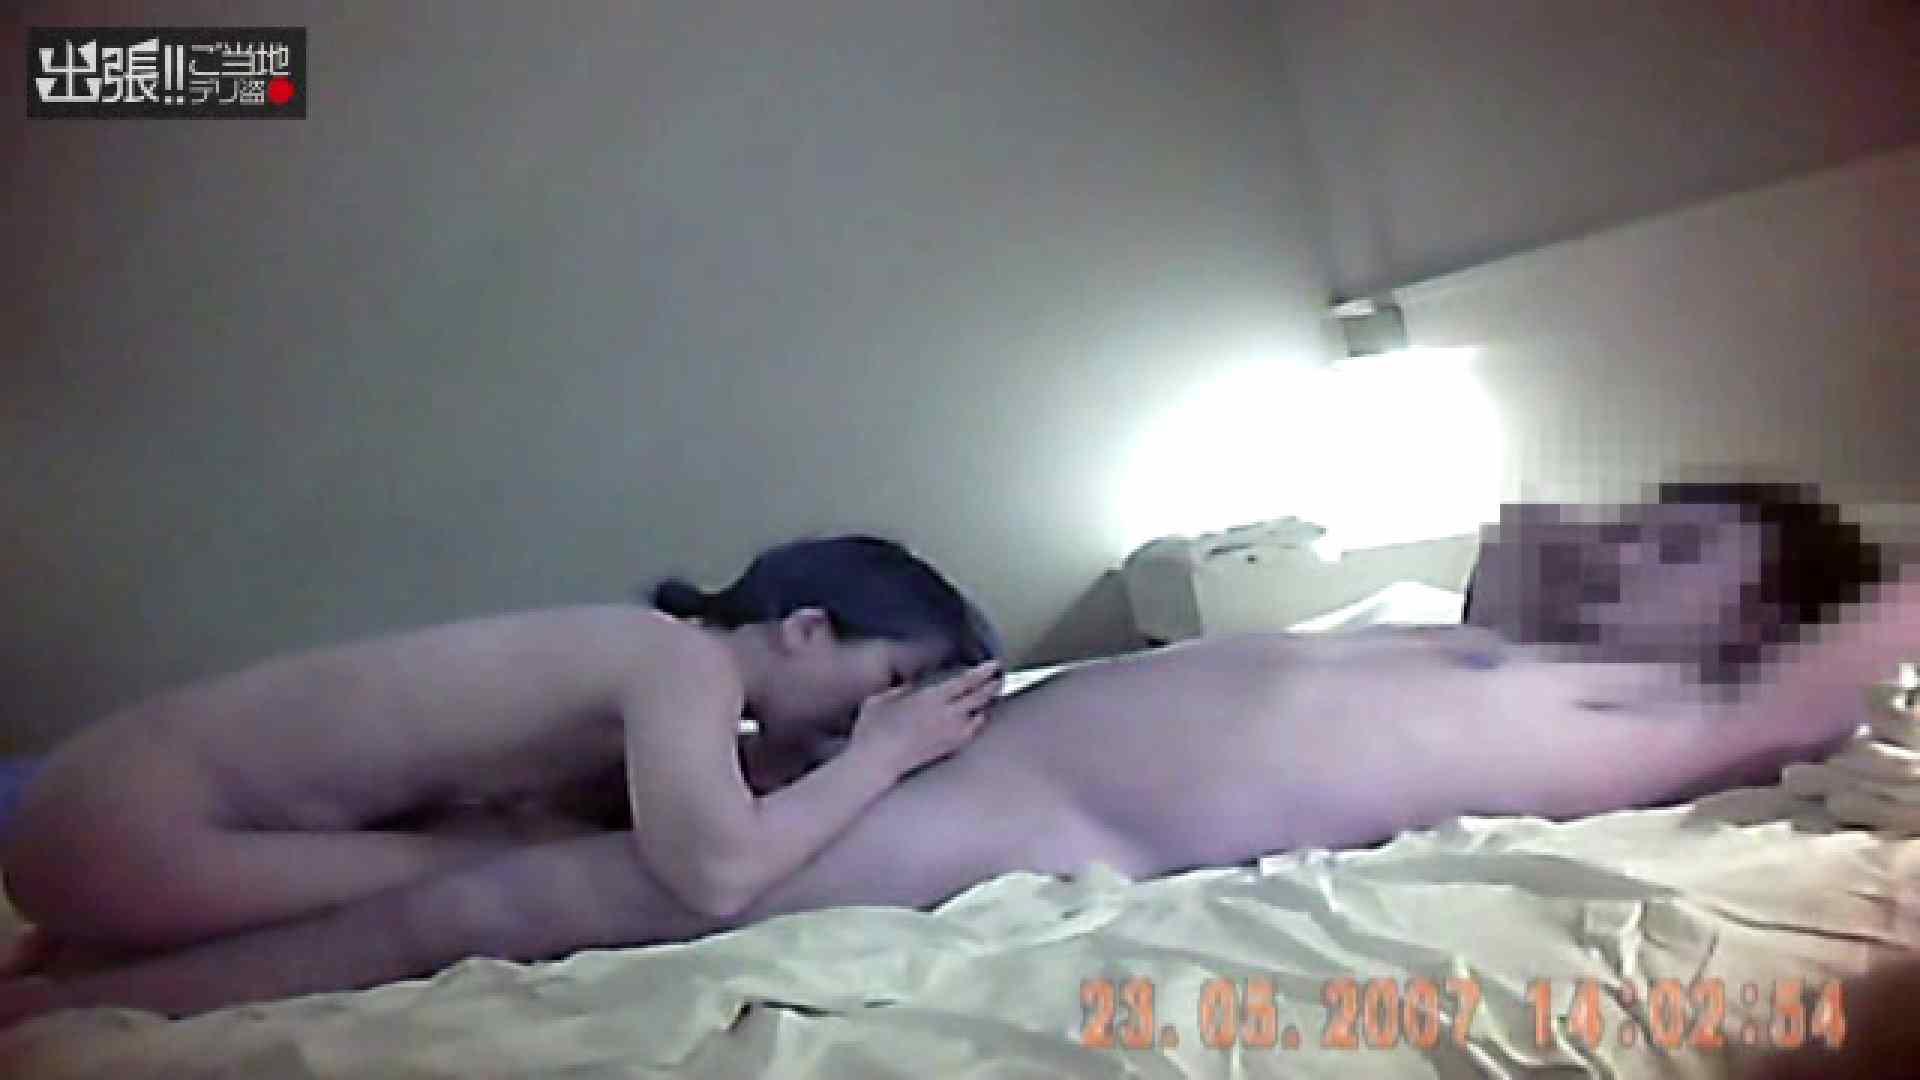 出張リーマンのデリ嬢隠し撮り第3弾vol.4 盗撮 | 投稿  111pic 61